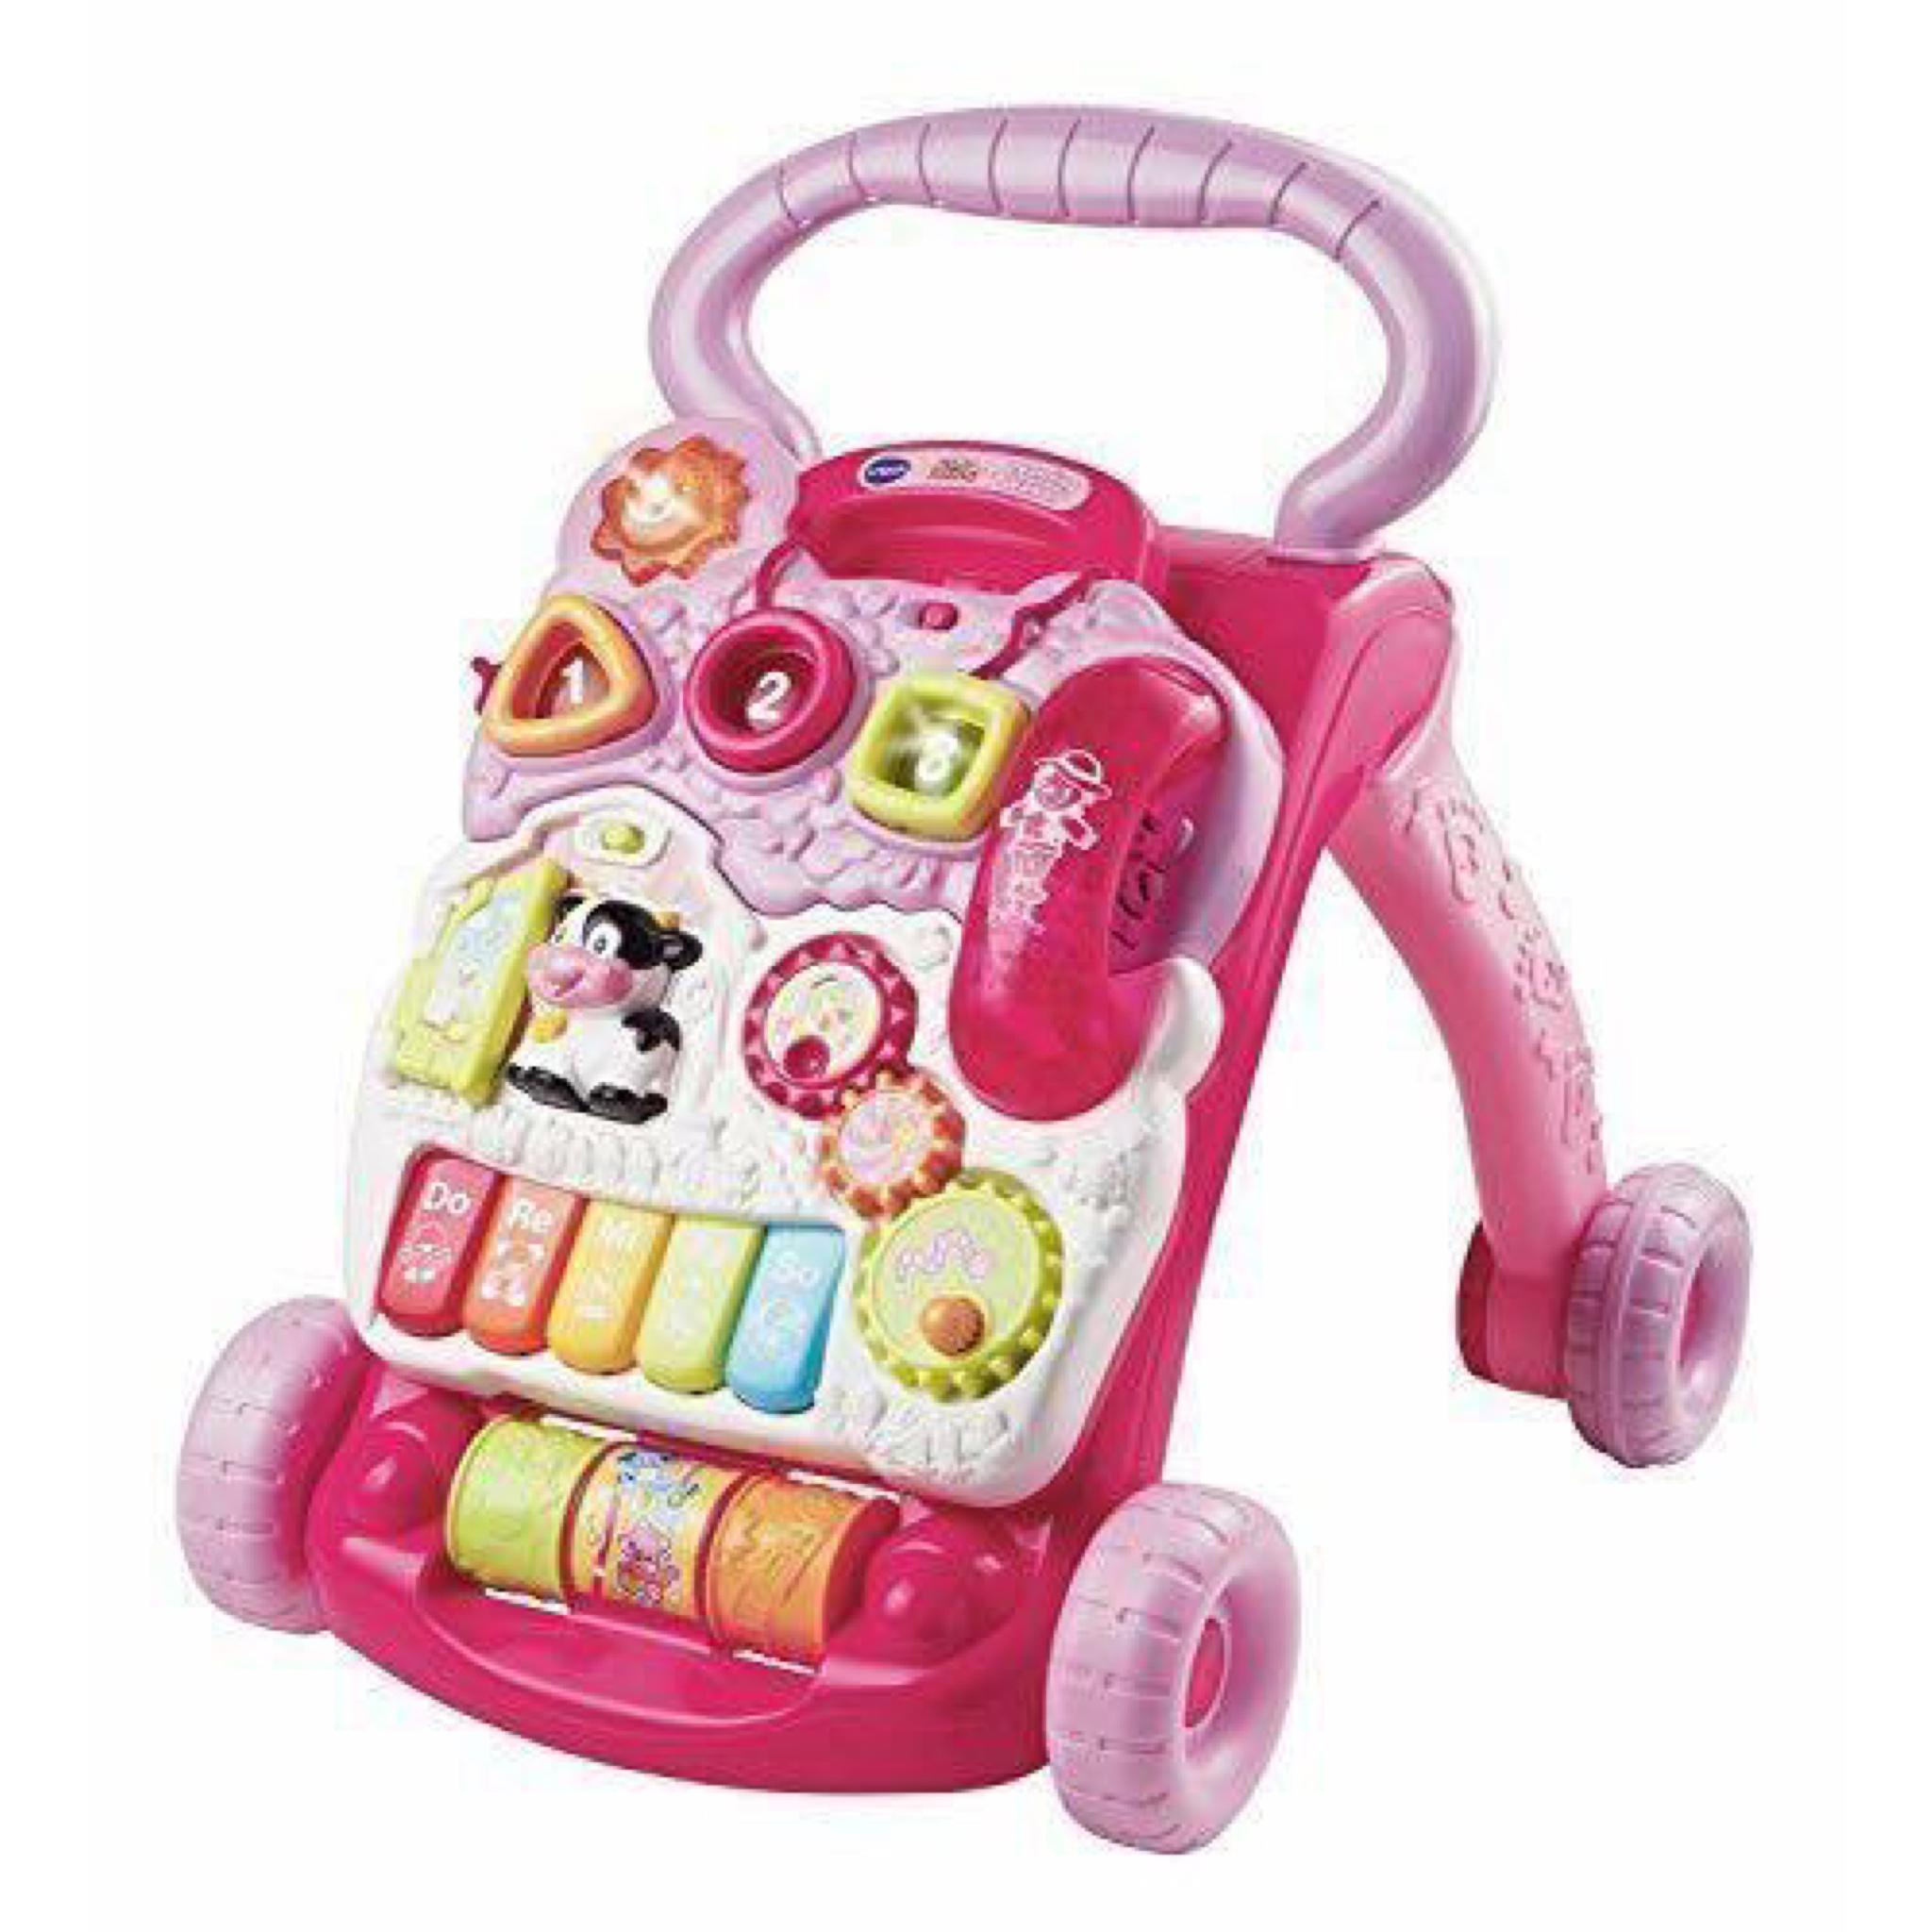 รถผลักเดินปรับหนืดได้ VTech Sit-To-Stand Learning Walker - Pink